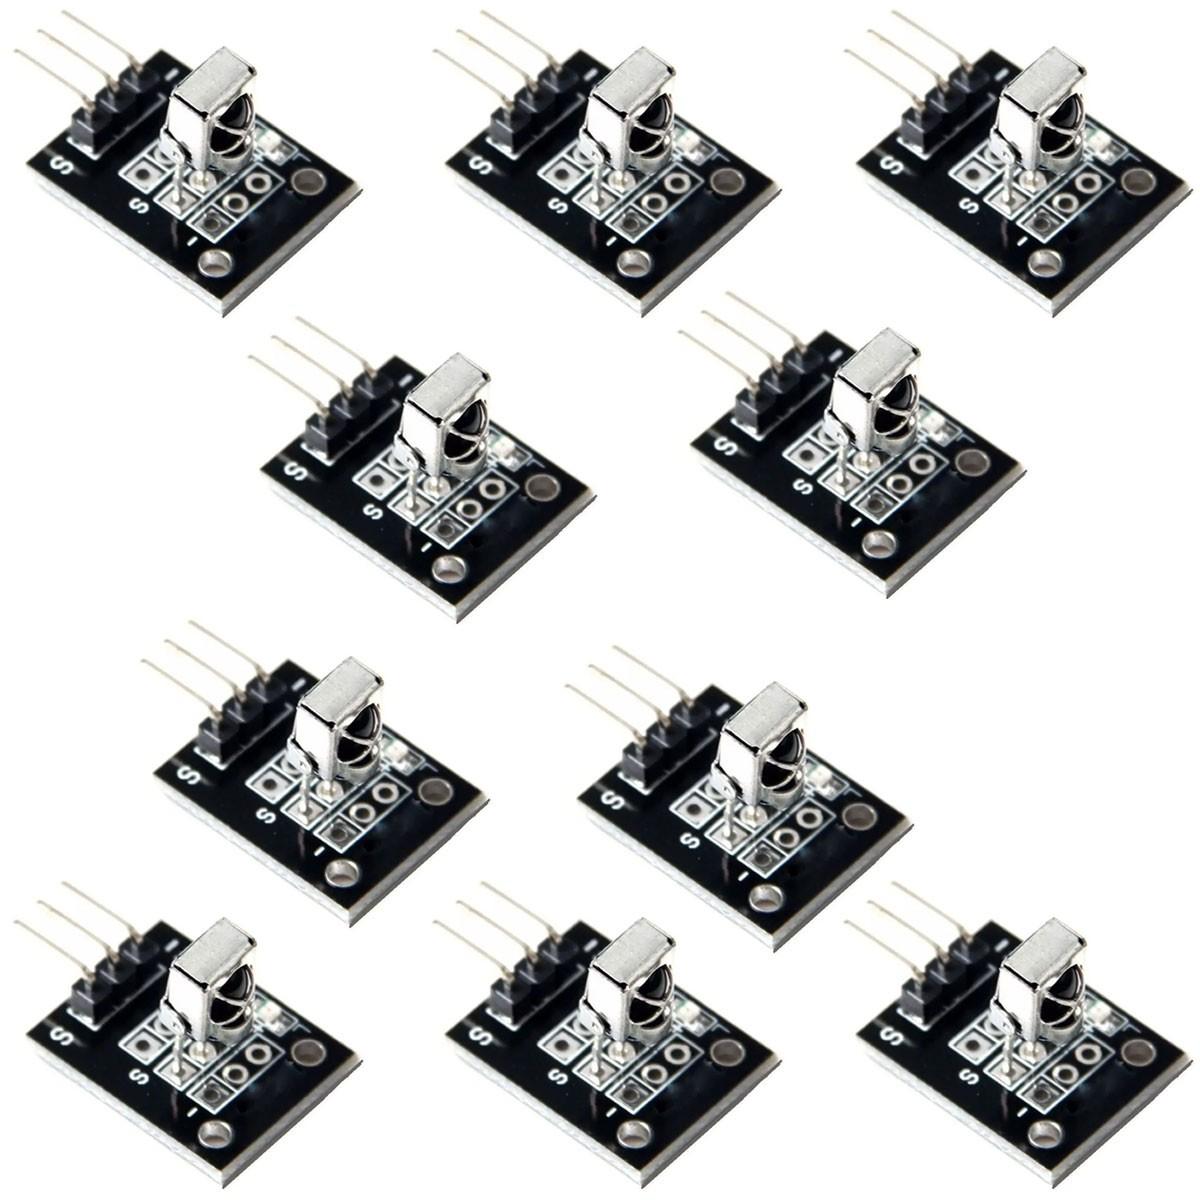 10x Módulo Sensor Receptor Infravermelho Ky-022